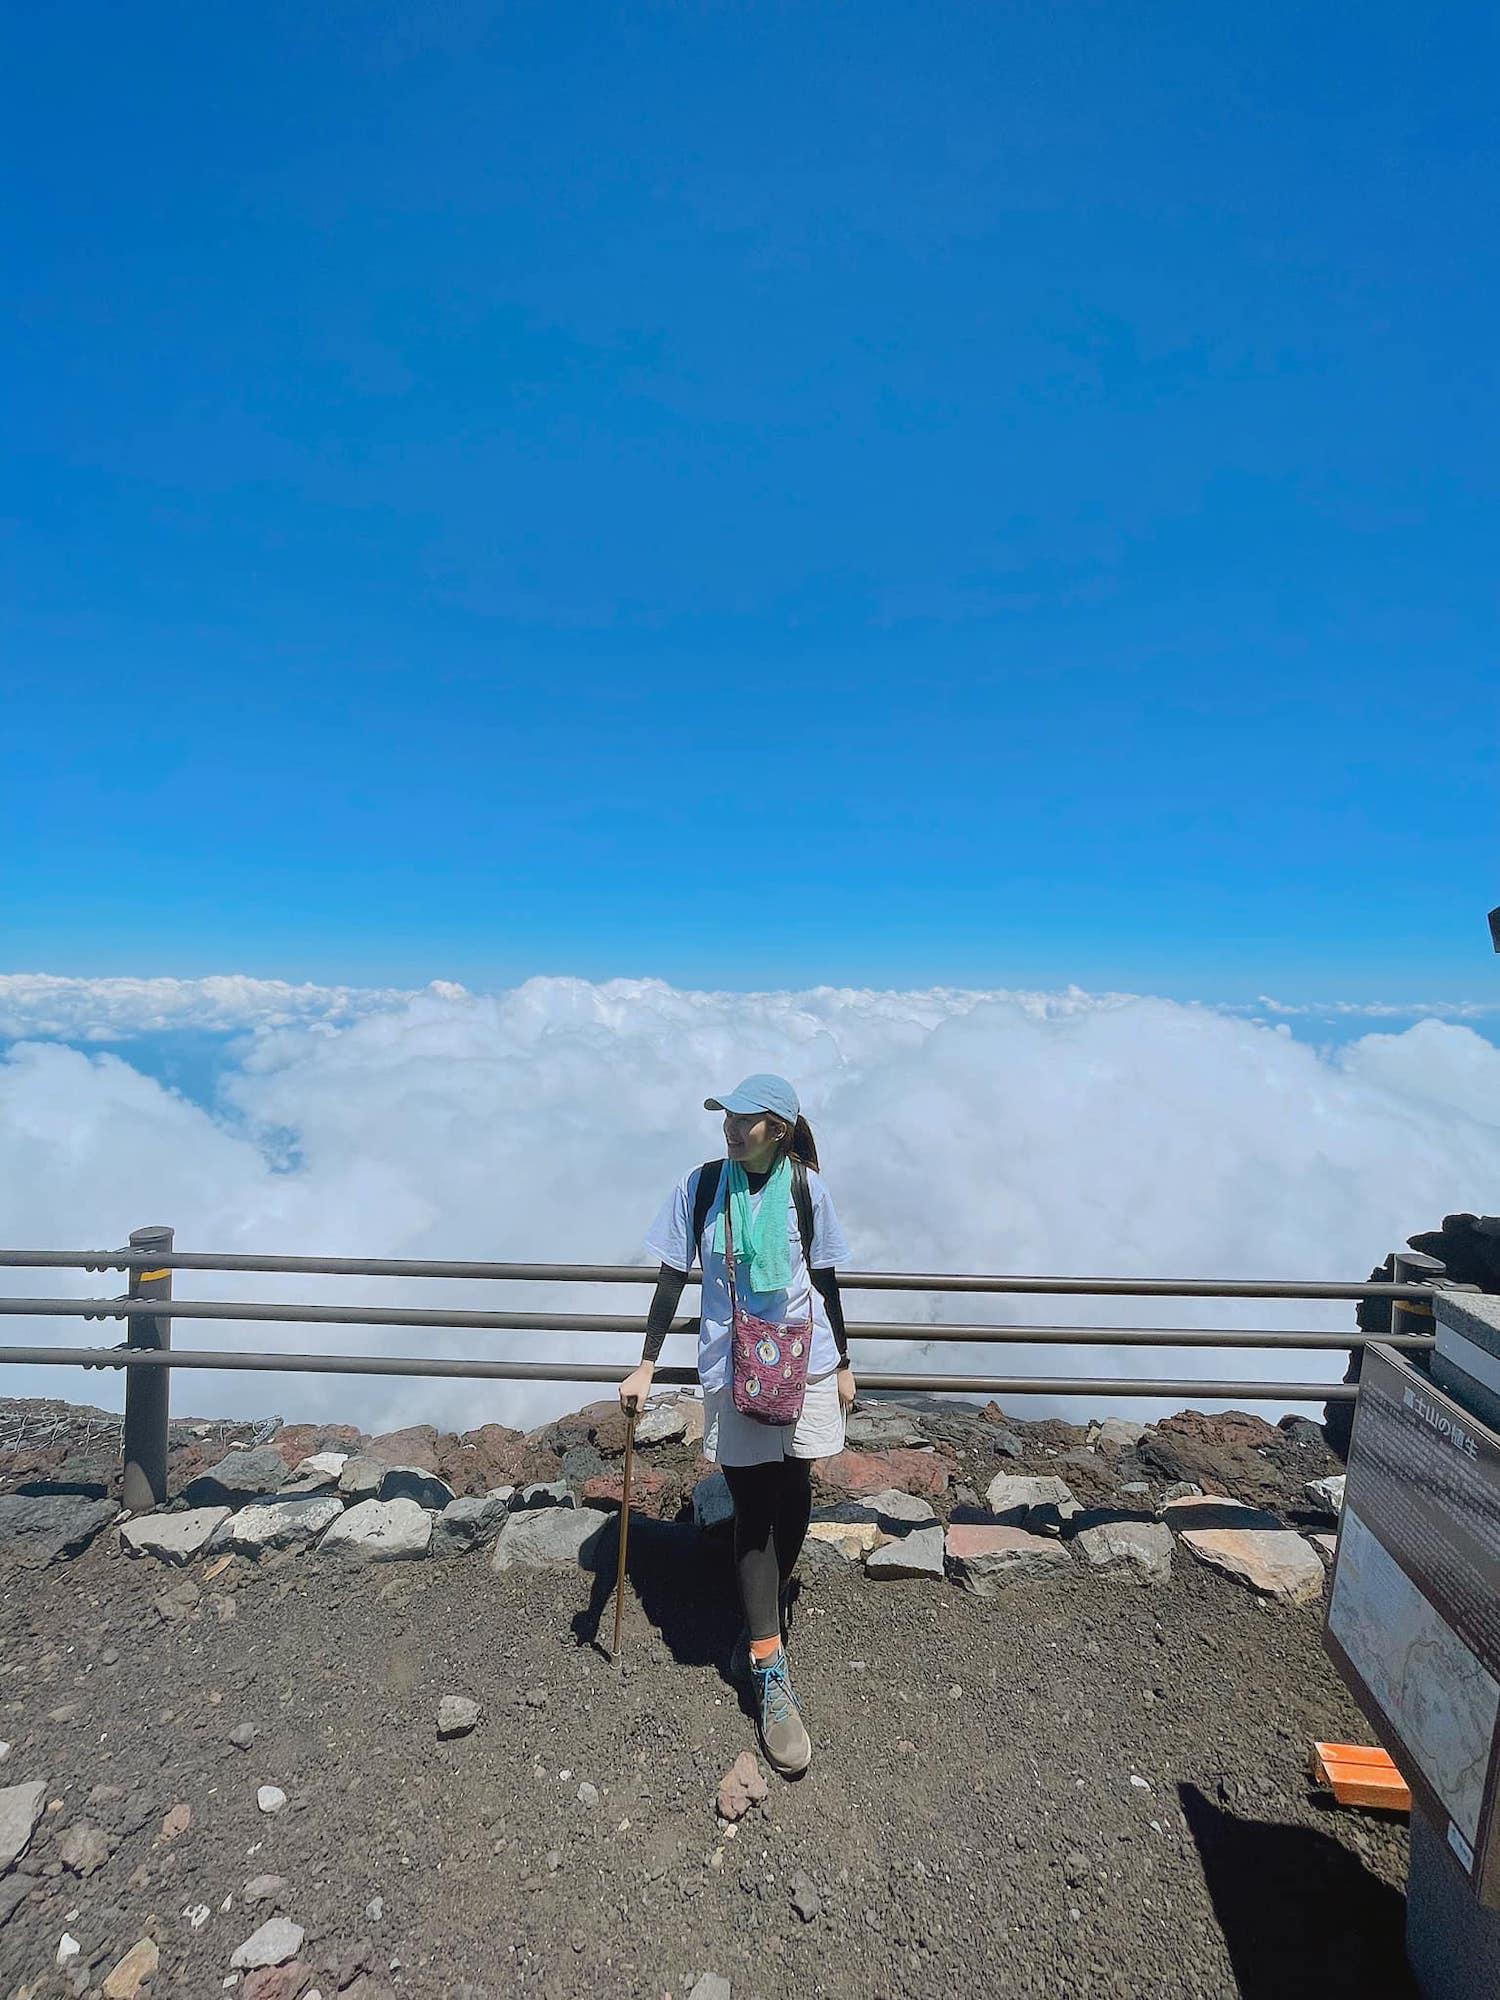 Từ trên đỉnh núi với độ cao hơn 3.775 m.